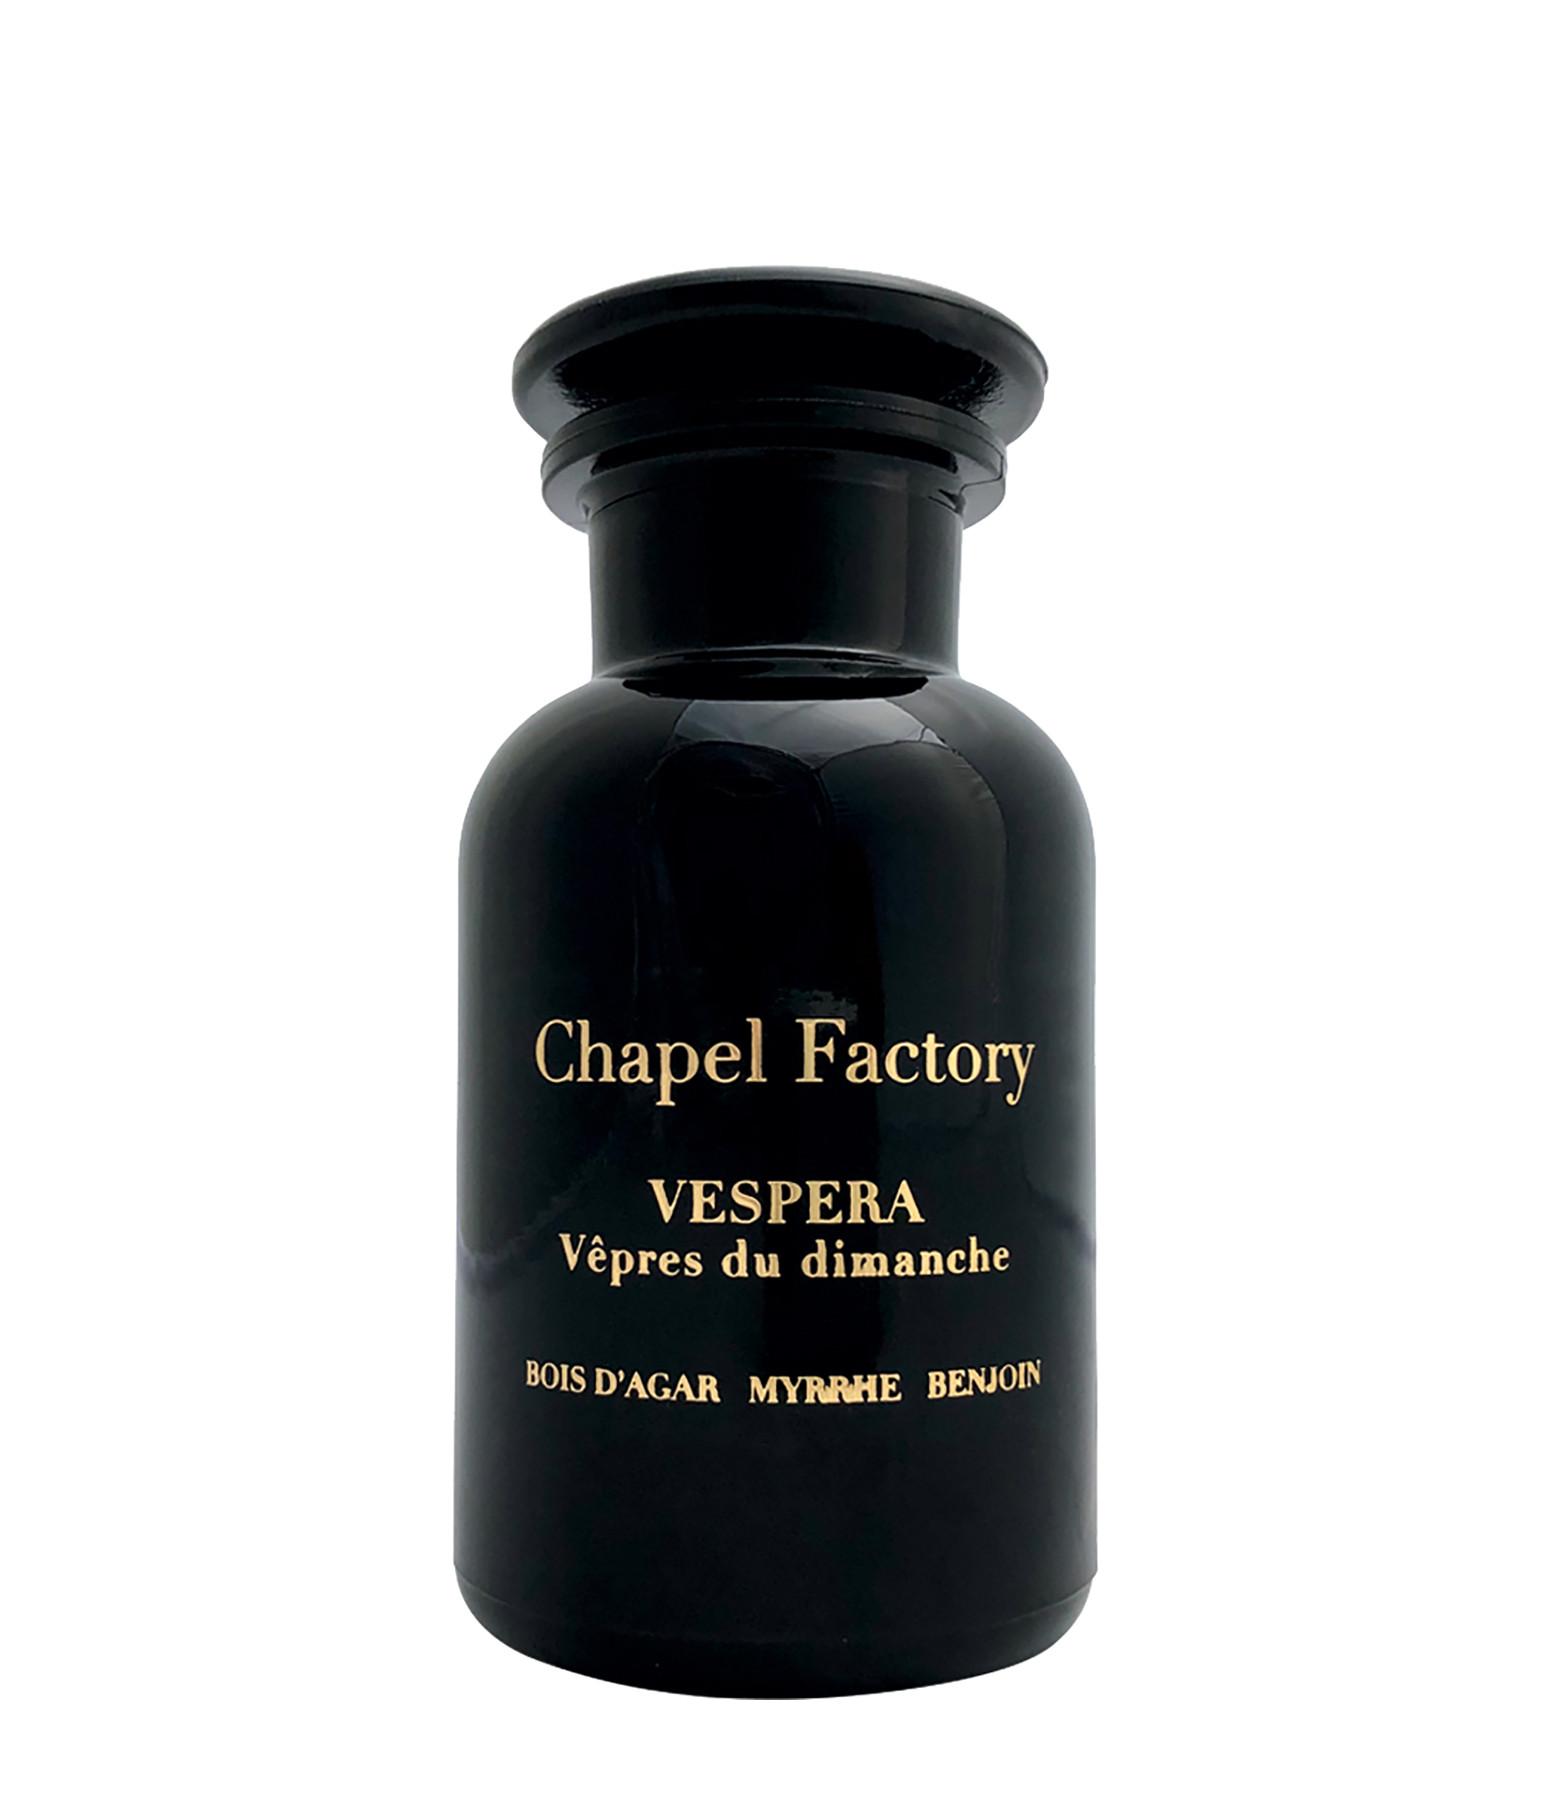 CHAPEL FACTORY - Diffuseur Vespera 250 ml